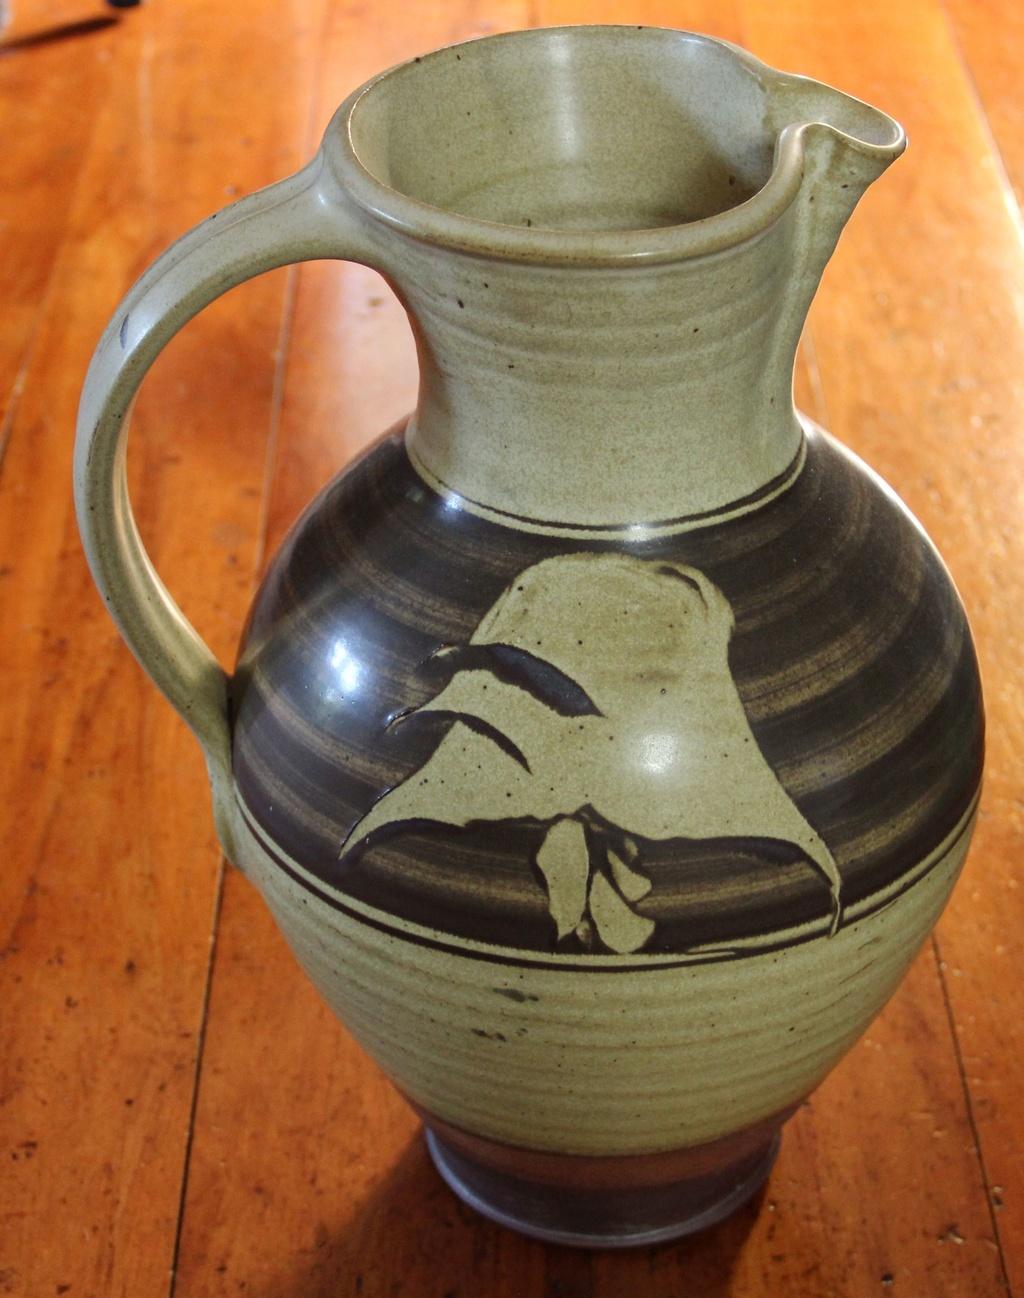 Identify maker of fabulous large jug = Wayne Porteous Img_0611